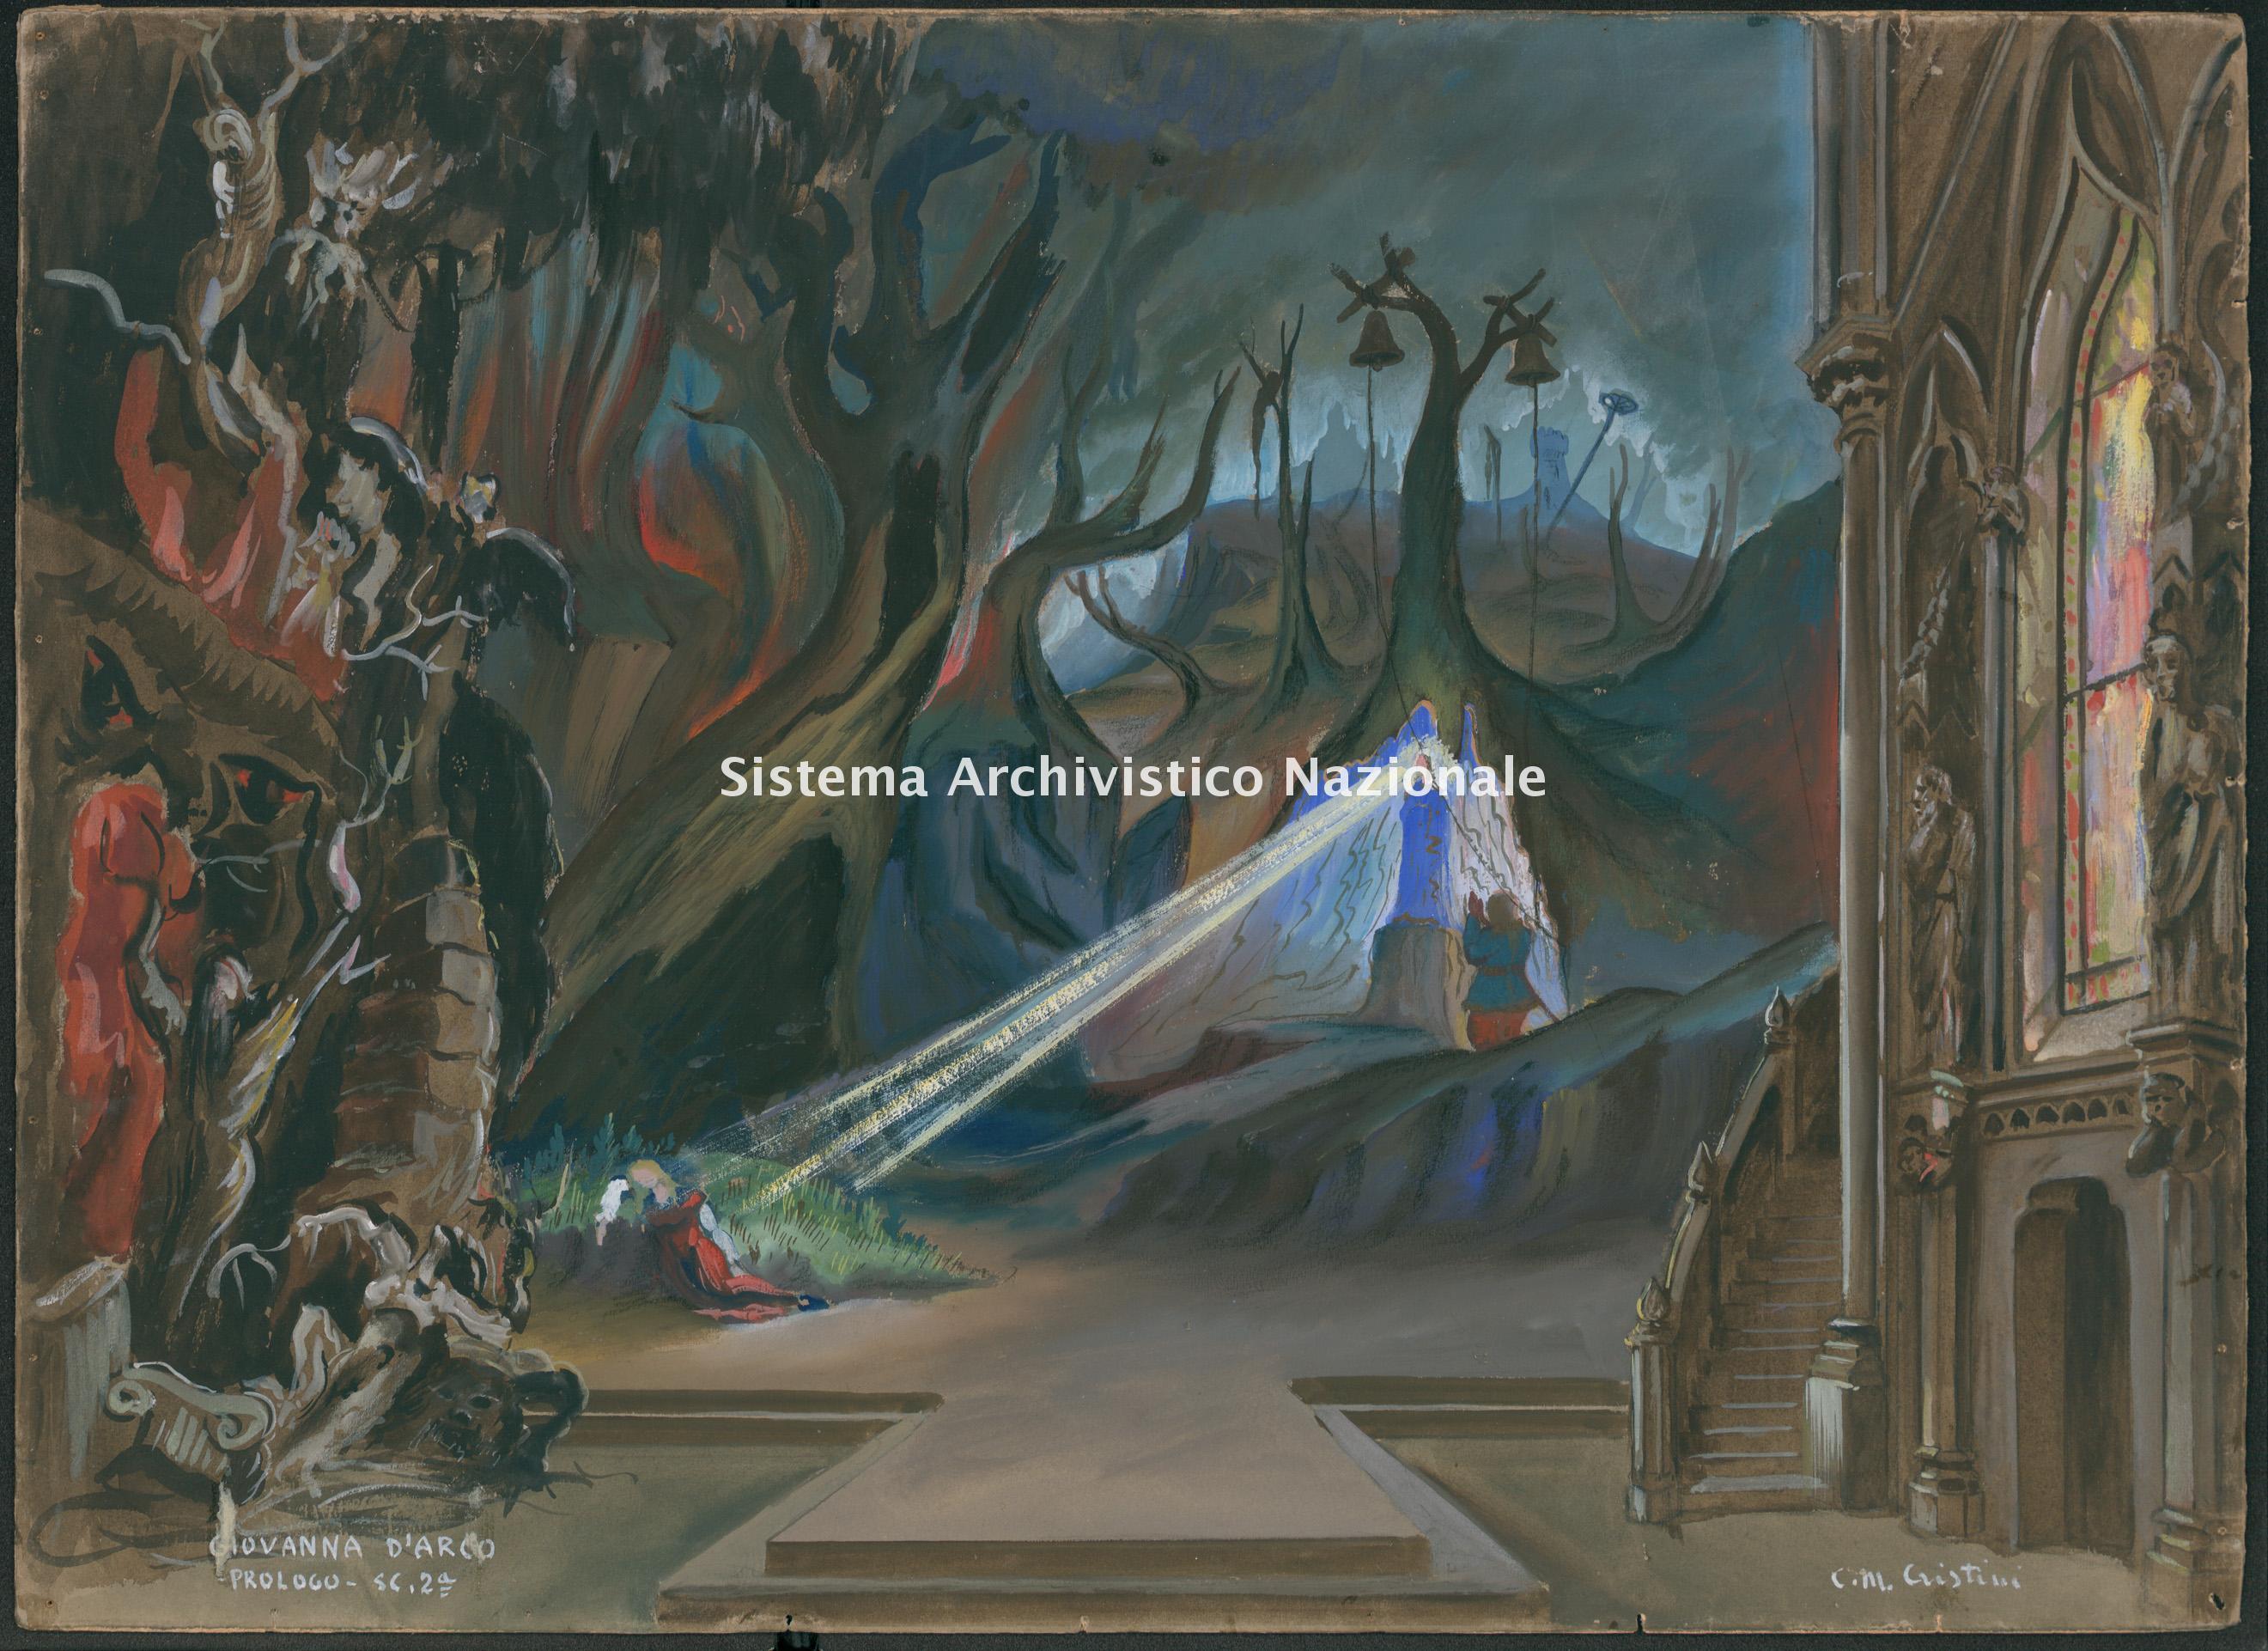 Bozzetto di scena per Giovanna d'Arco di Giuseppe Verdi, Prologo, scena seconda, 1951